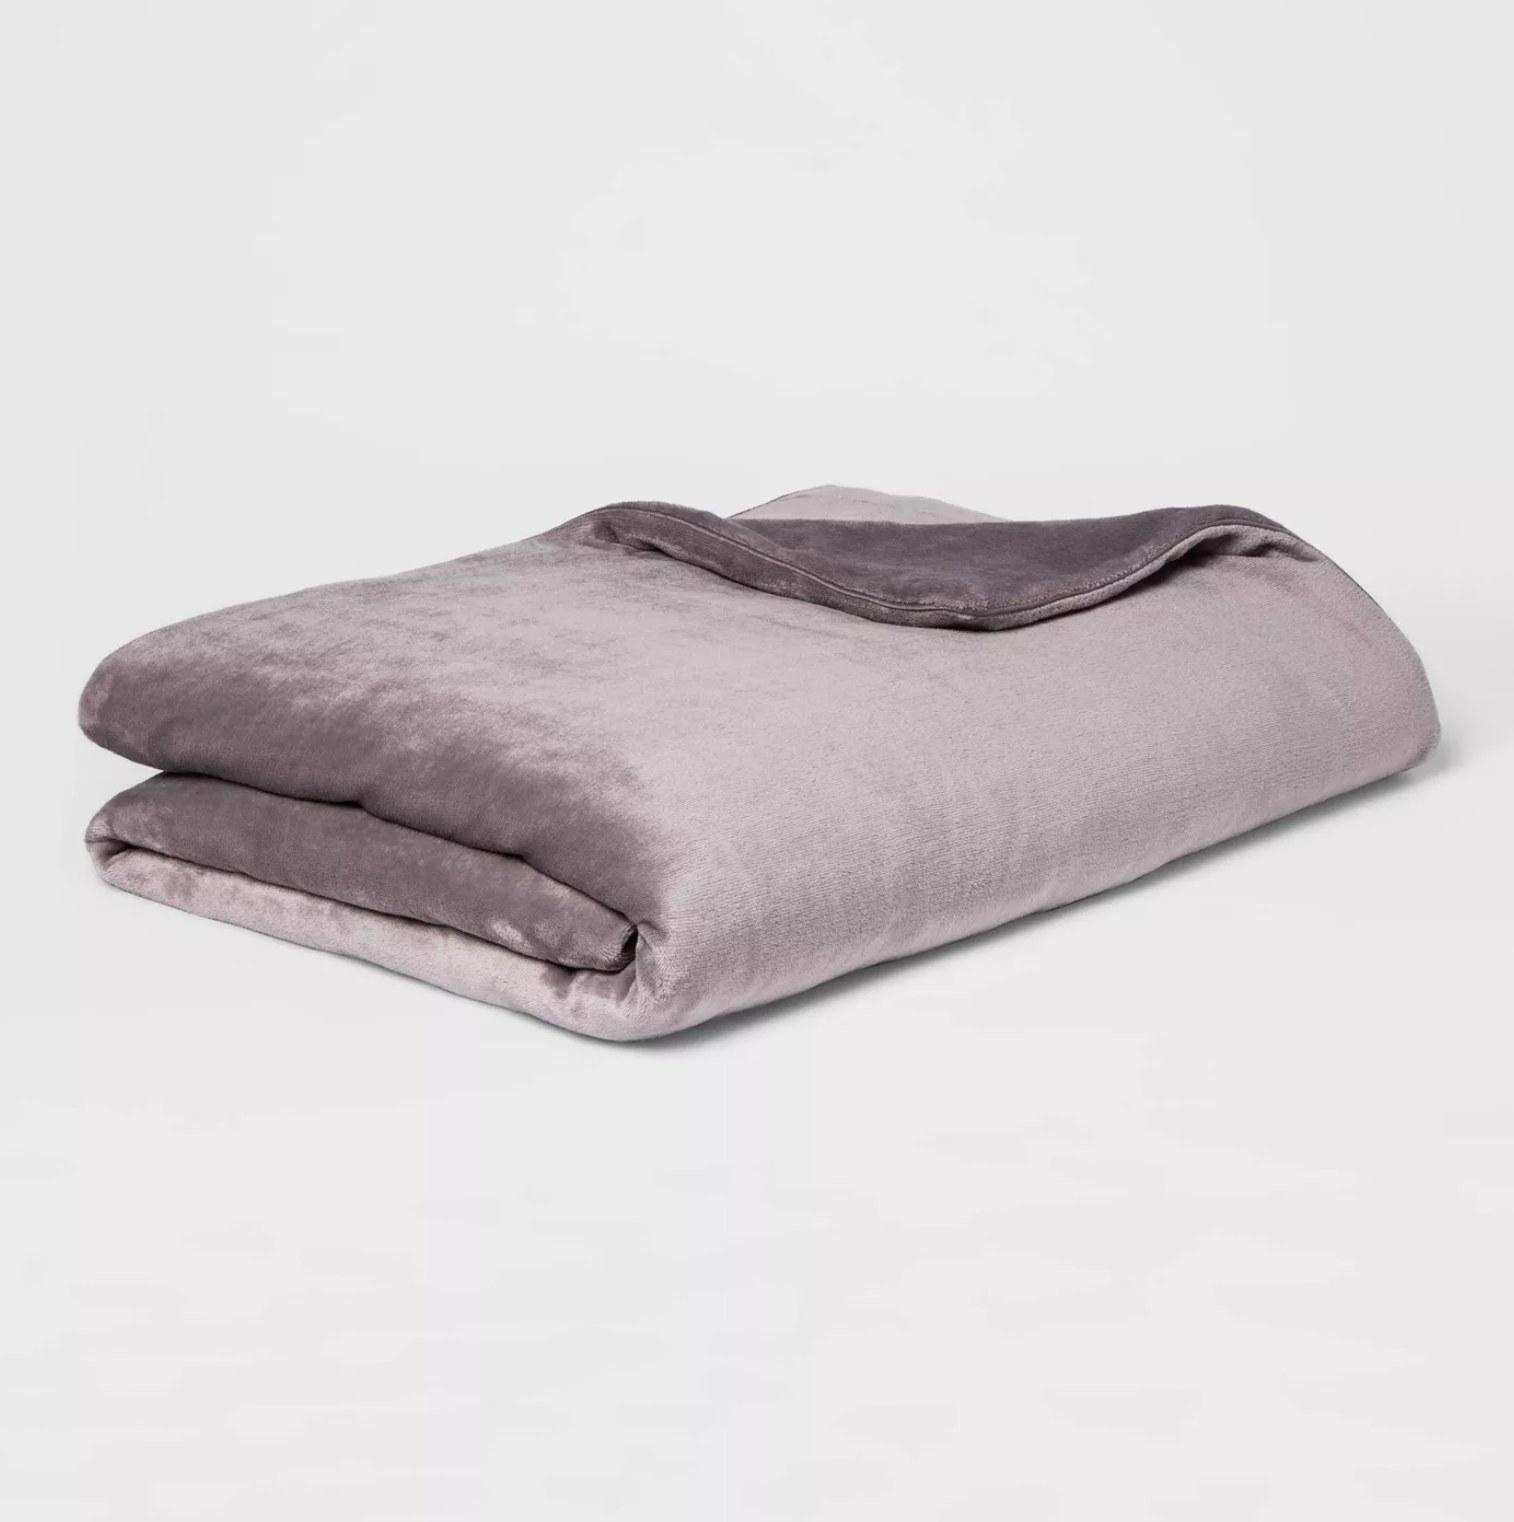 the folded blanket in light purple